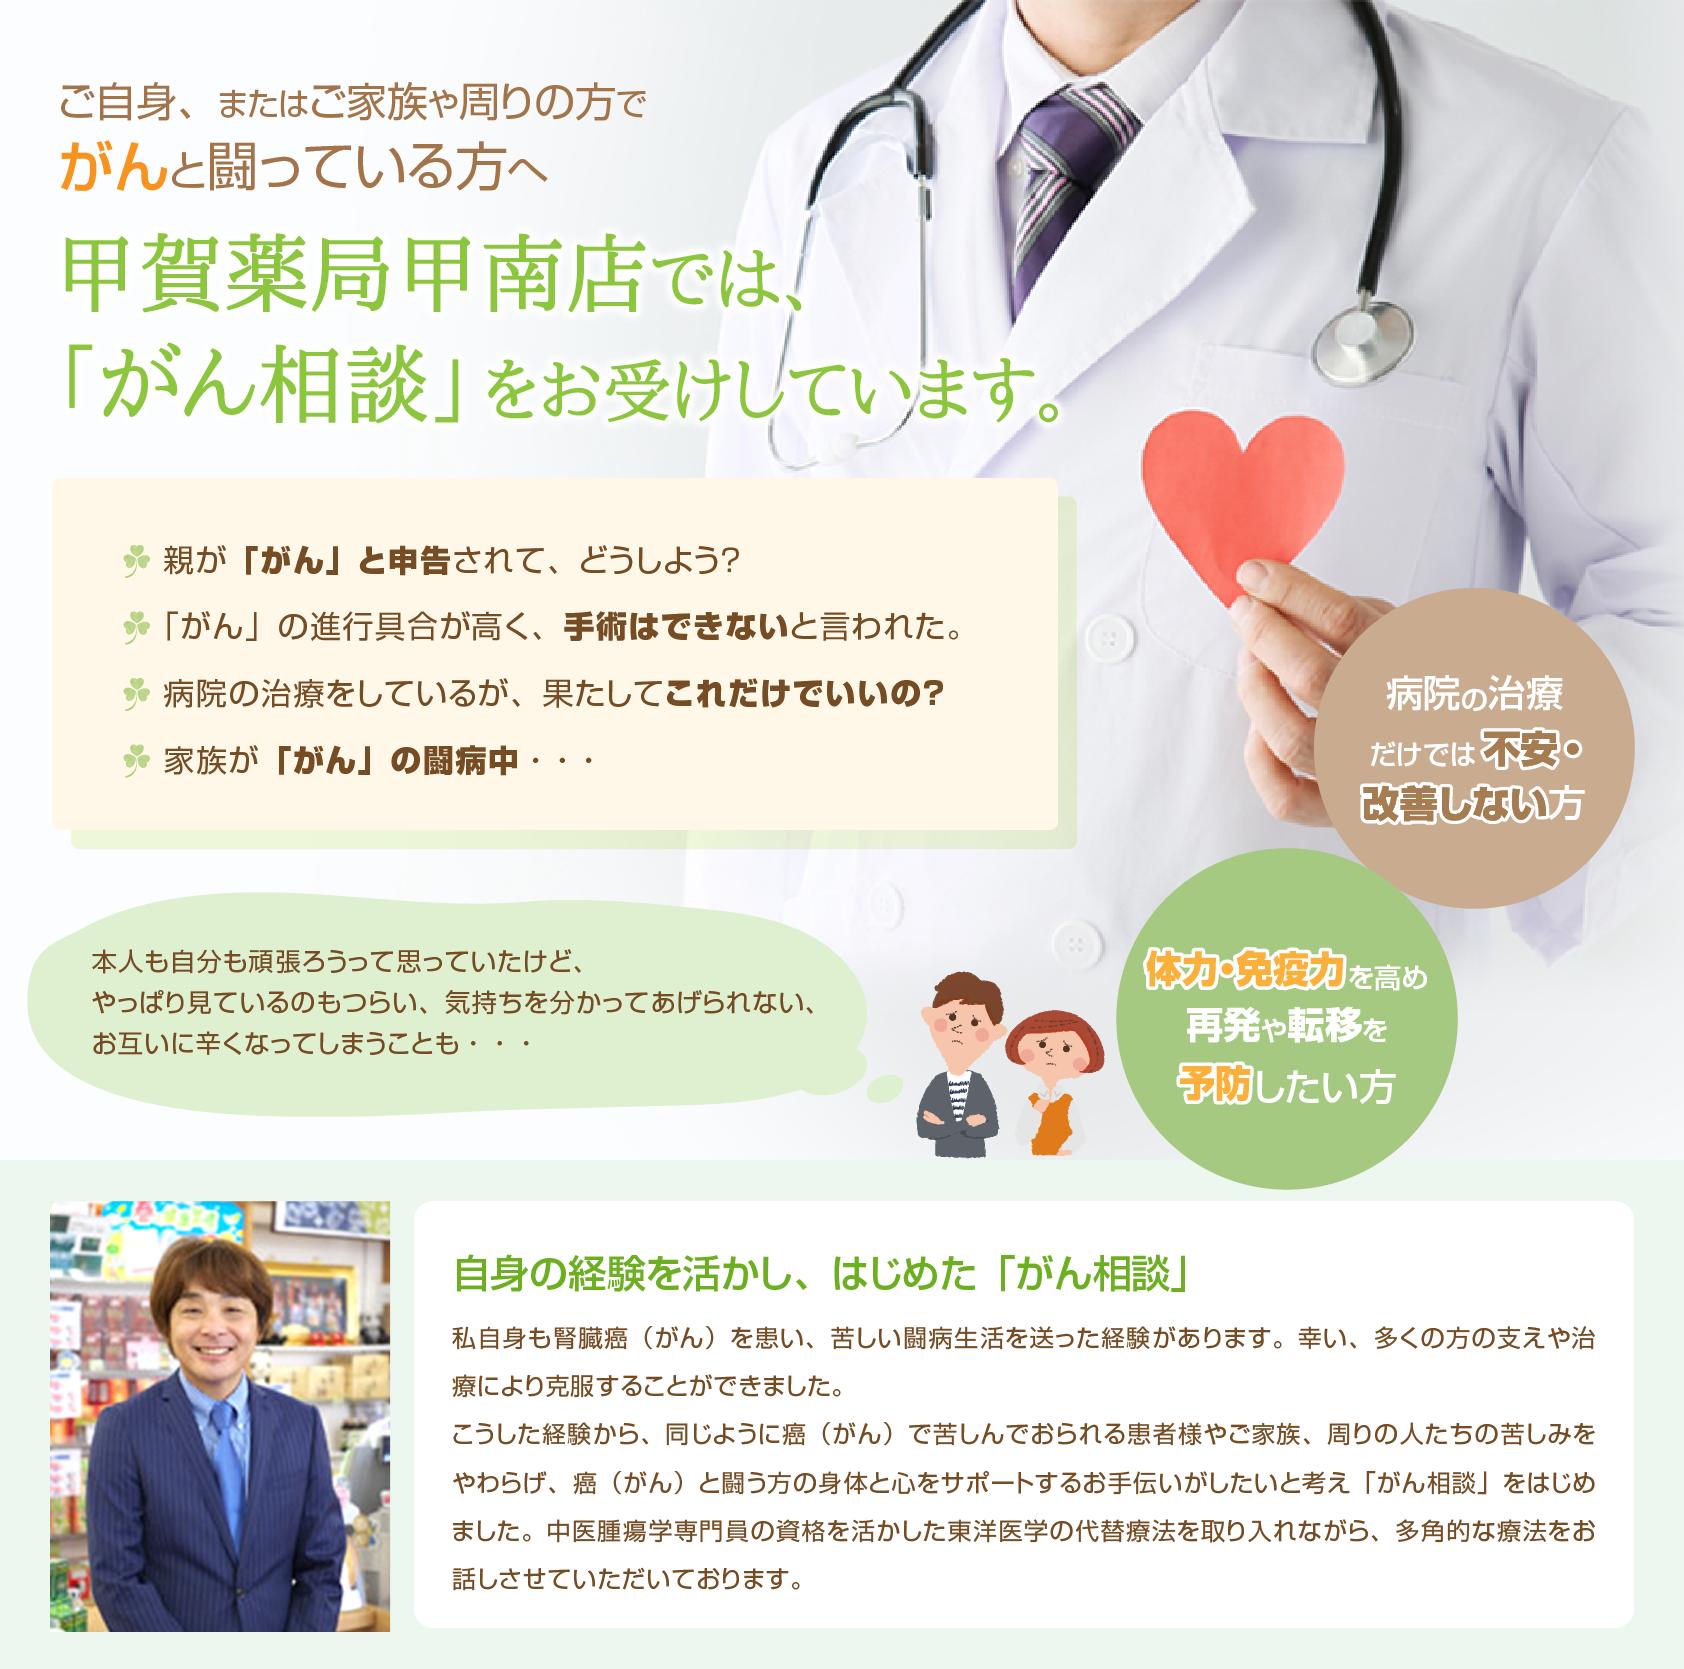 甲賀薬局甲南店では癌相談を行っています。癌と闘っている方の身体と心をサポートします。病院だけでは改善しない方、体力や免疫力を高め再発や移転を予防したい方へ。